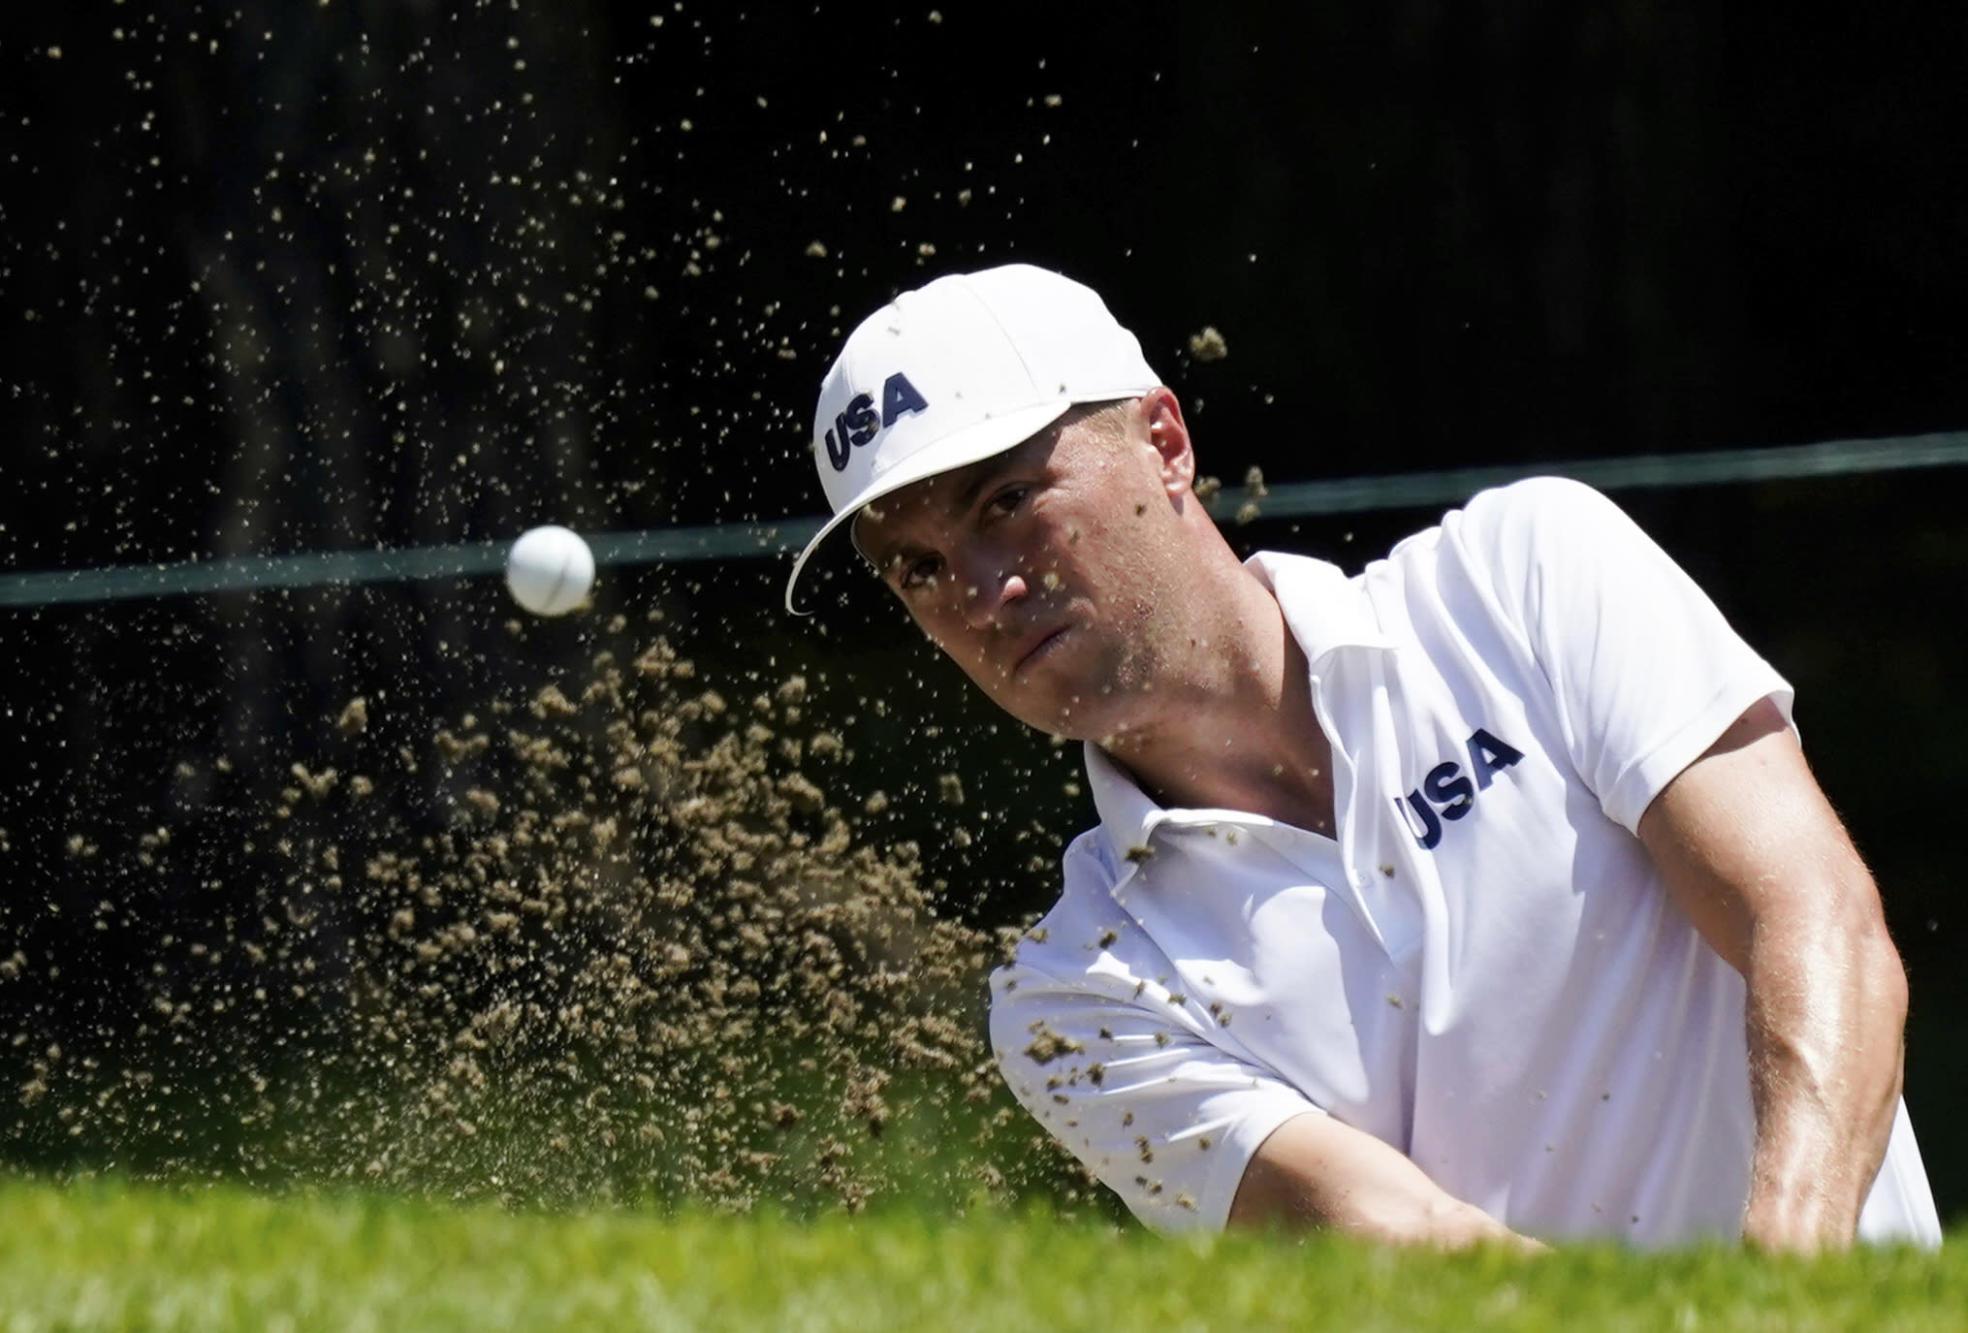 Golf olímpico: la sensación de un equipo se convierte en búsqueda individual